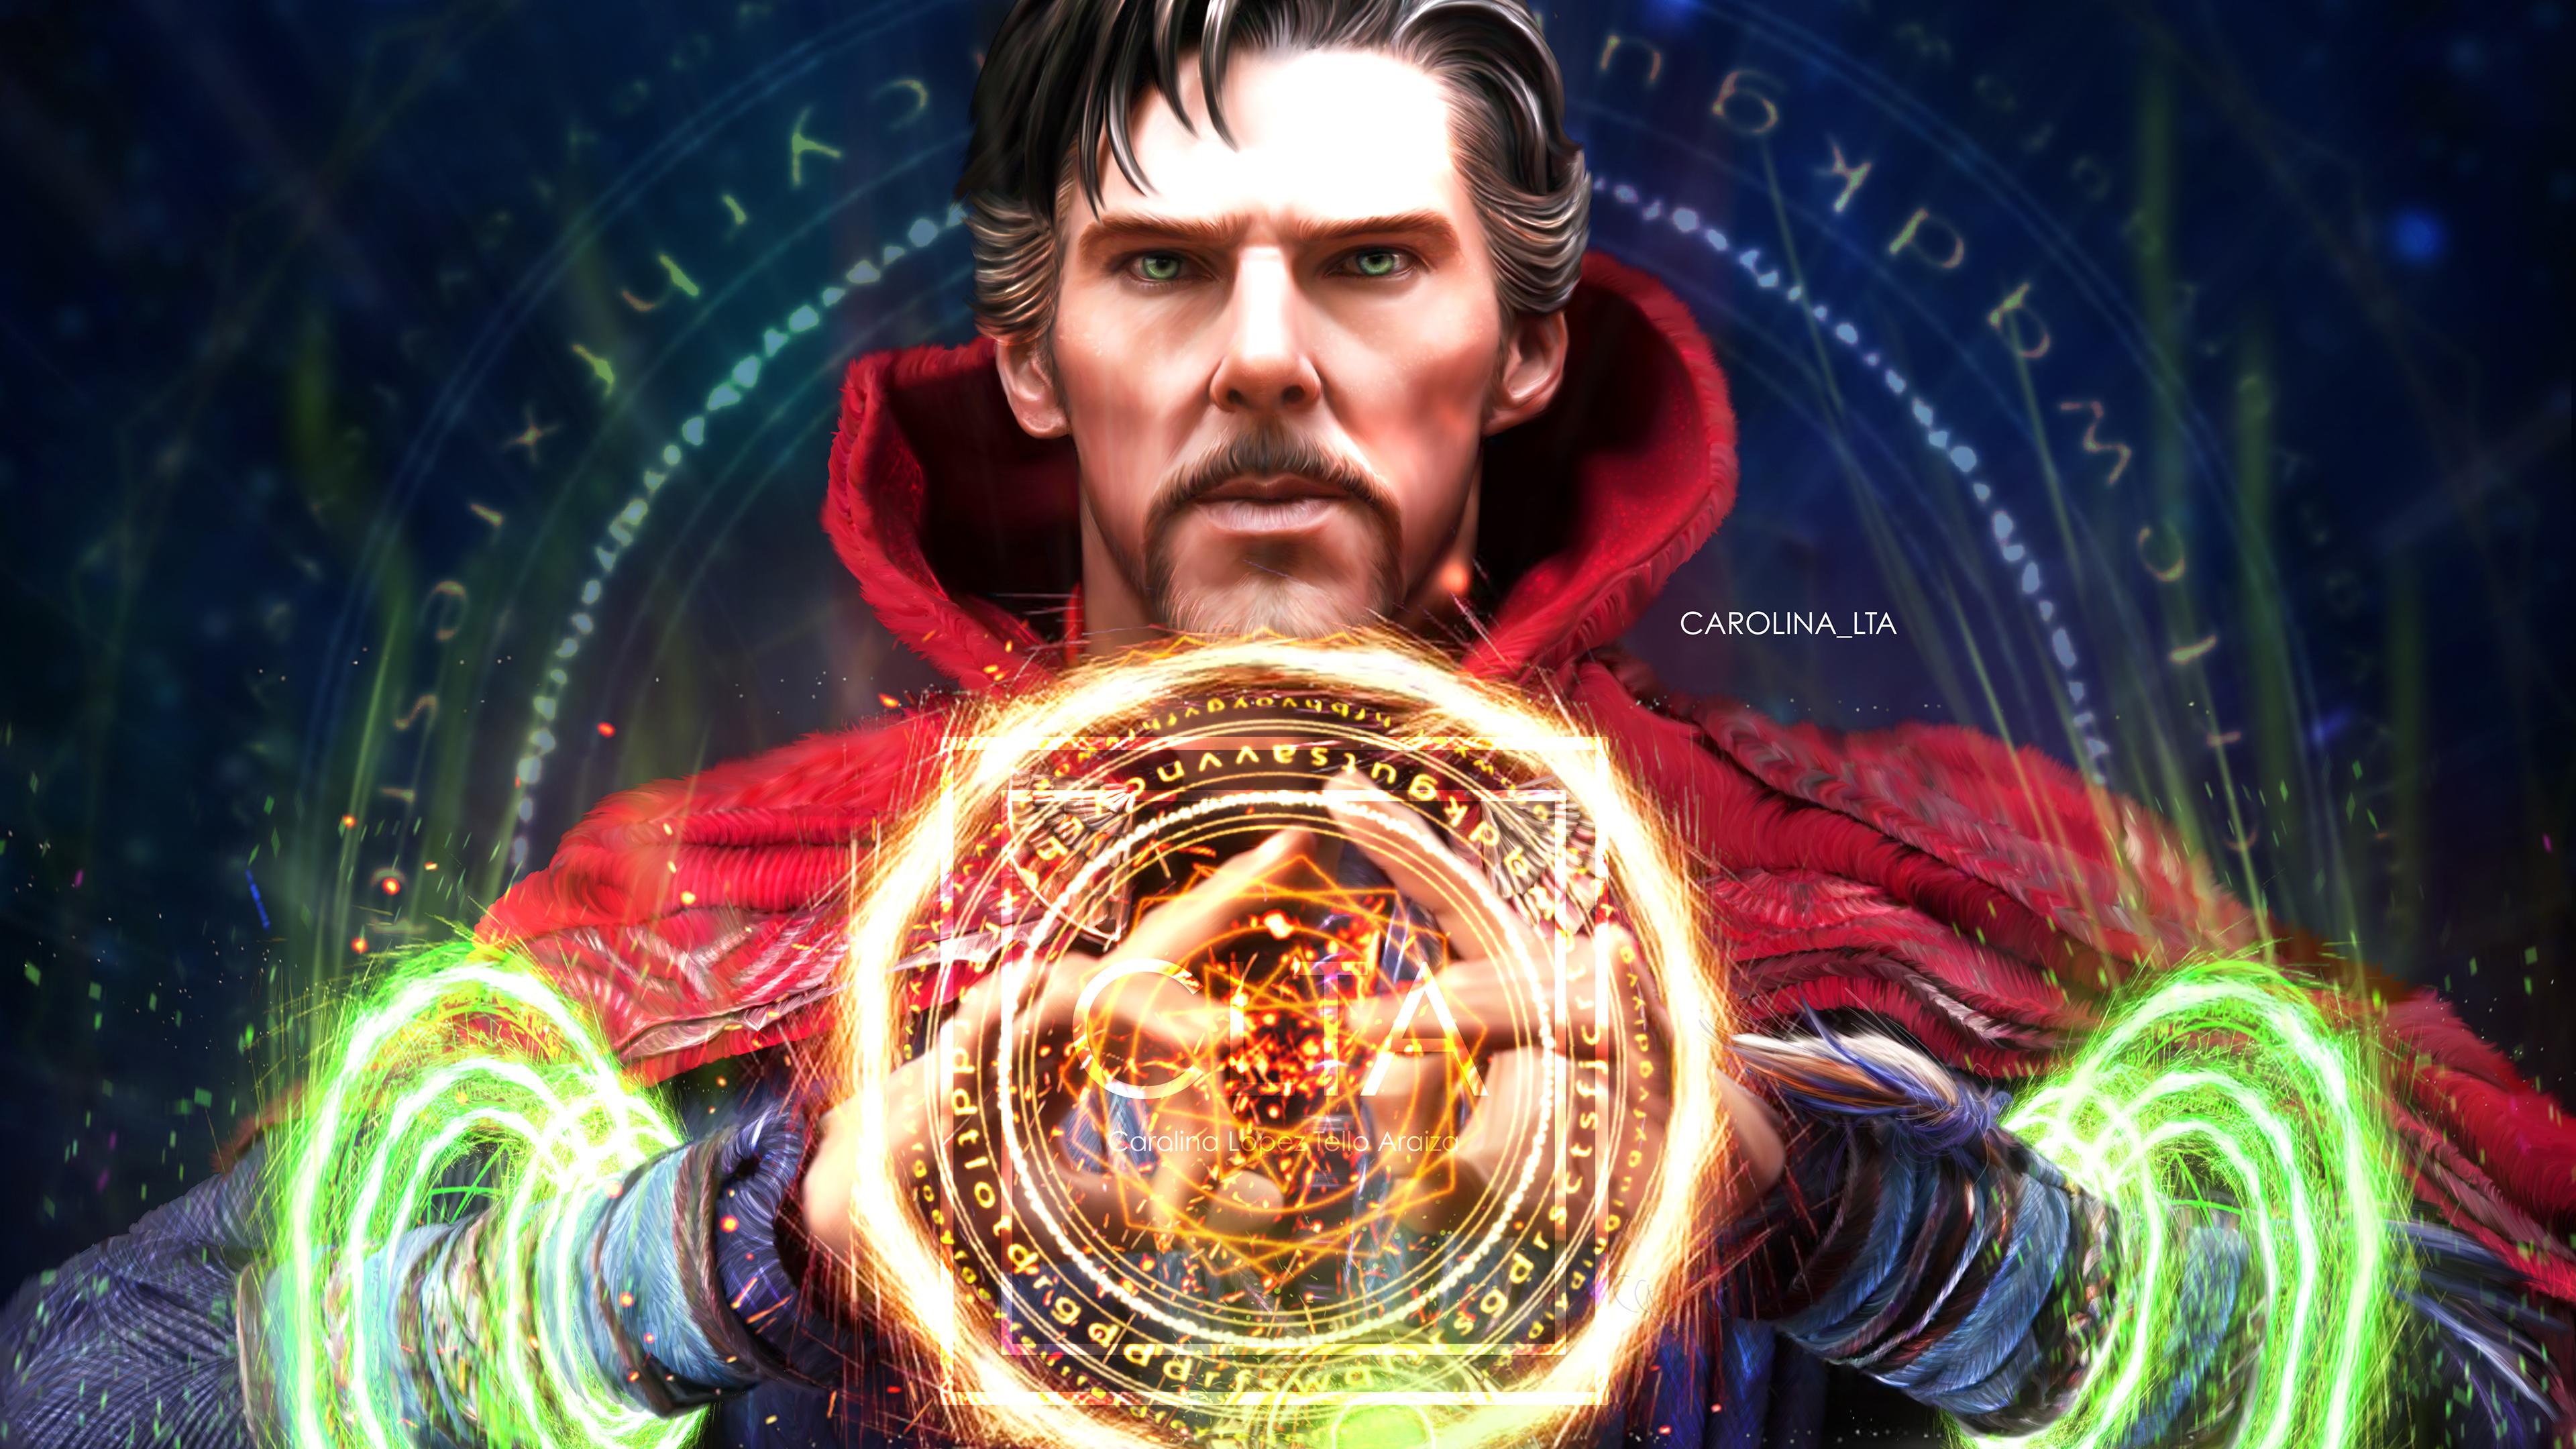 Dr Strange Hd Superheroes 4k Wallpapers Images